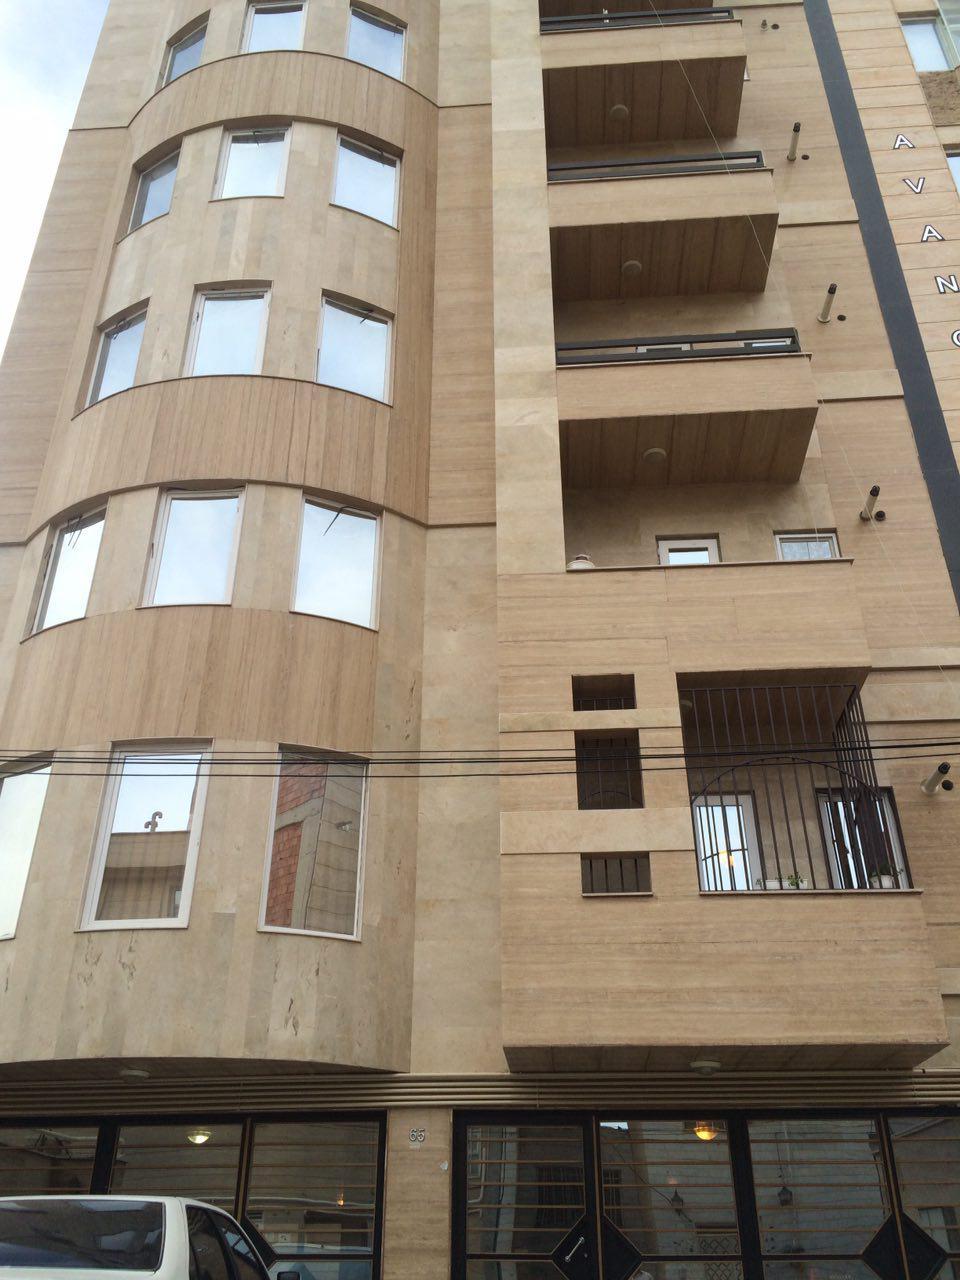 فروش طبقه چهارم از آپارتمان 7 طبقه